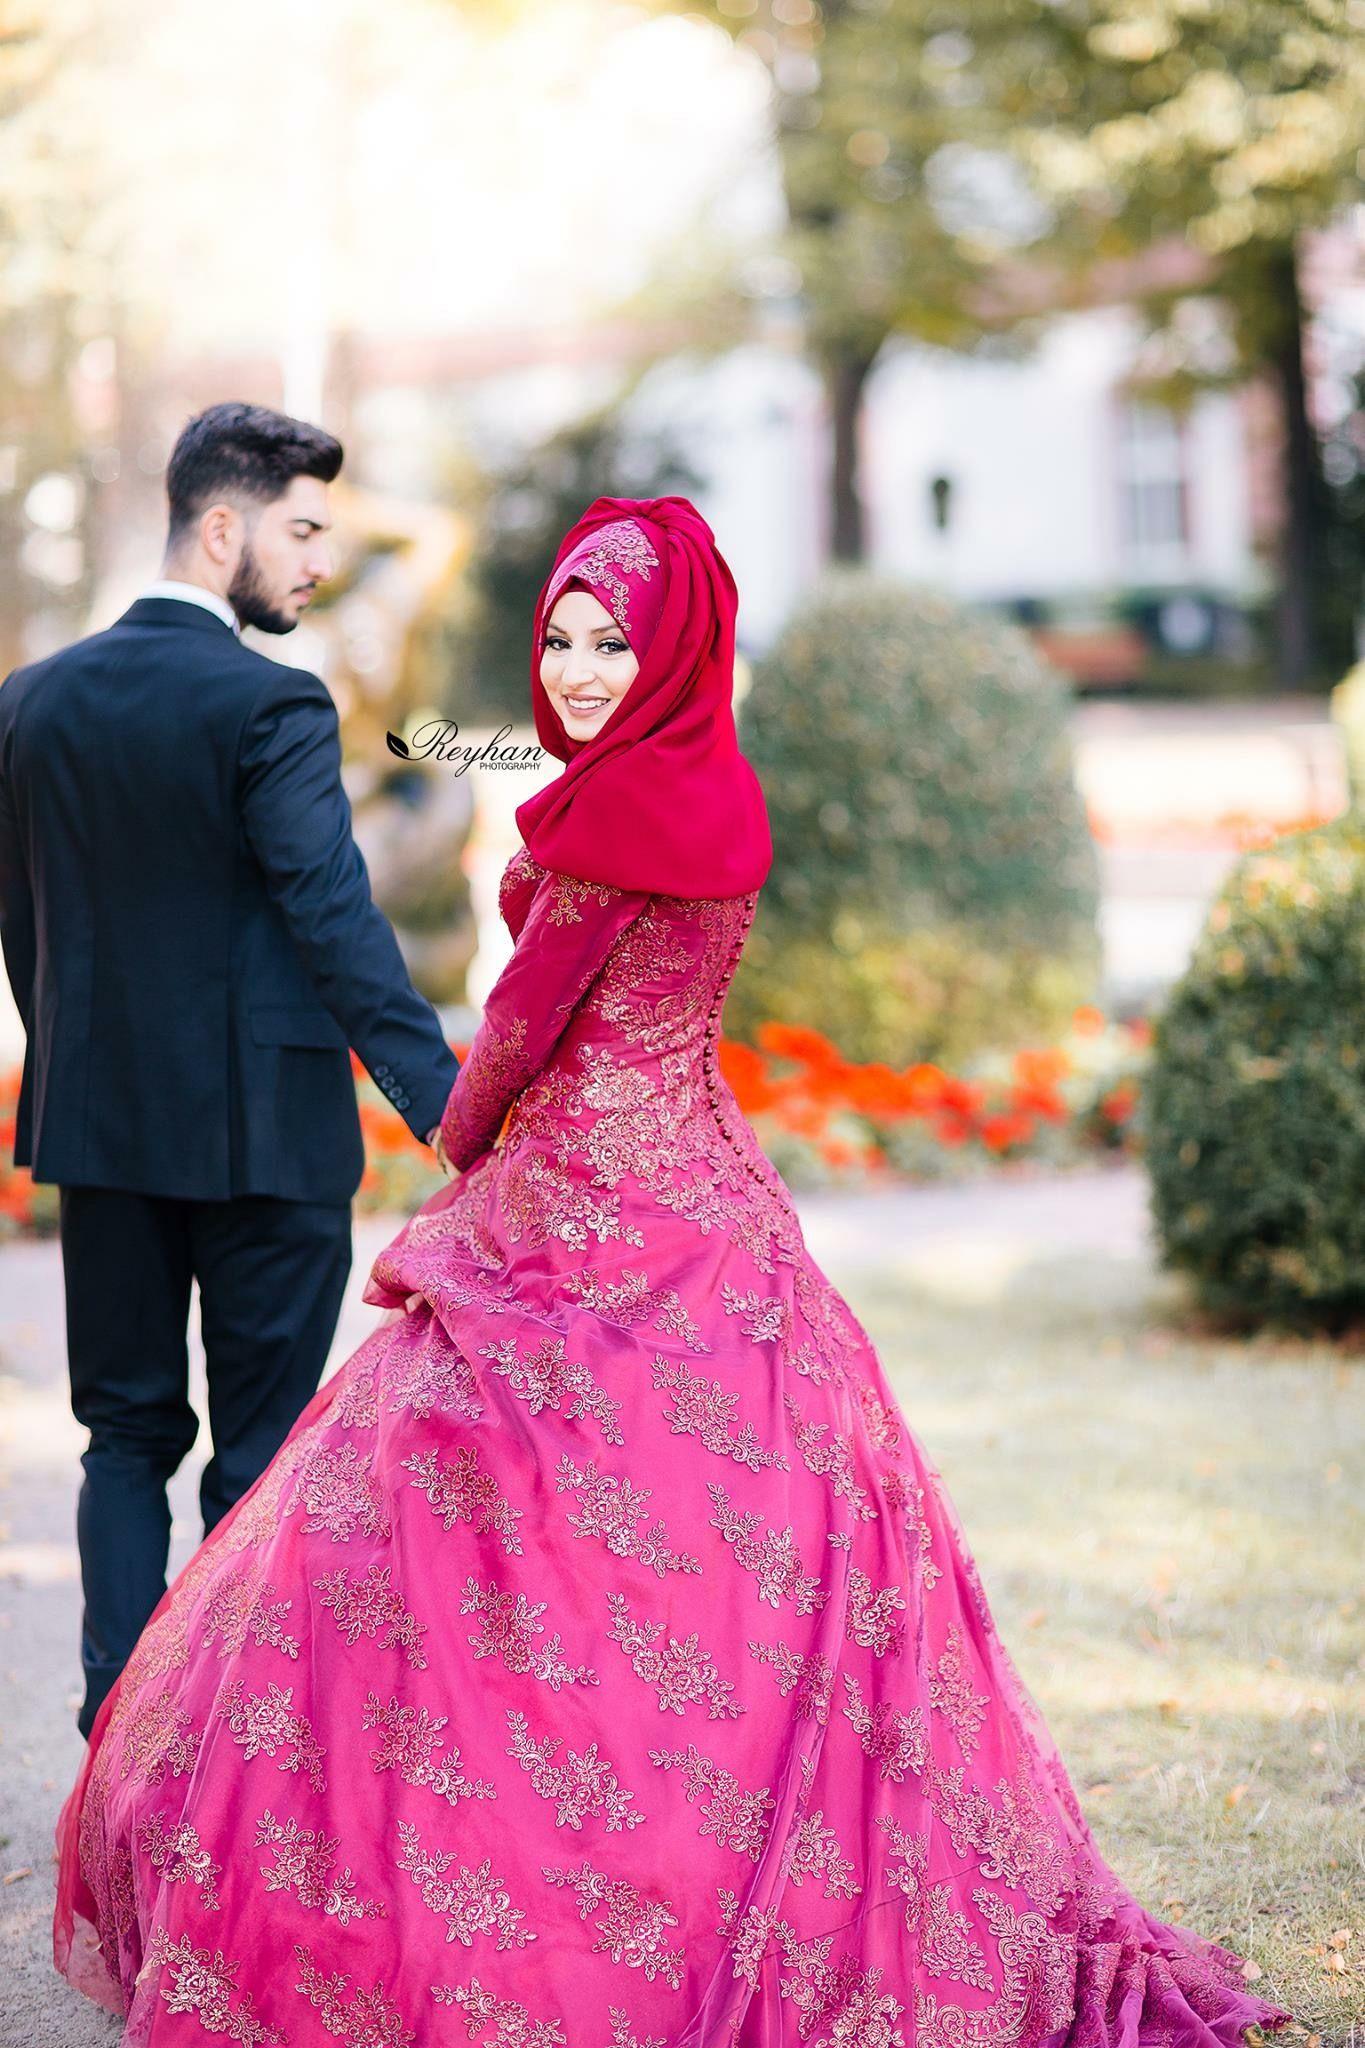 Hijabwedding turk muslim Wedding #hijabwedding #hijab #wedding ...